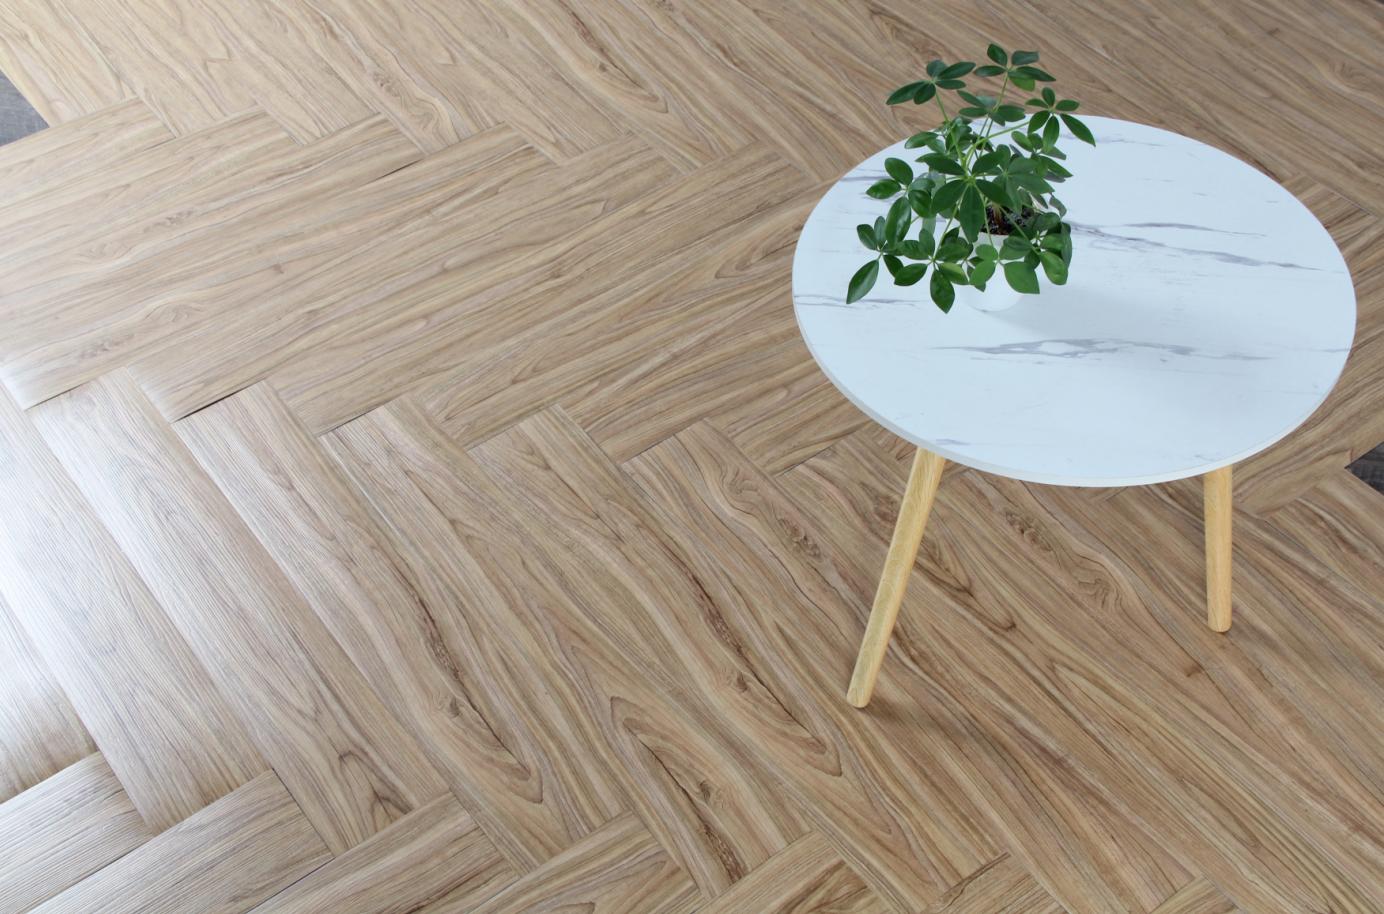 Cheapest 1.6/1.8mm Hot sale self adhesive  PVC floor covering LVT vinyl flooring tile